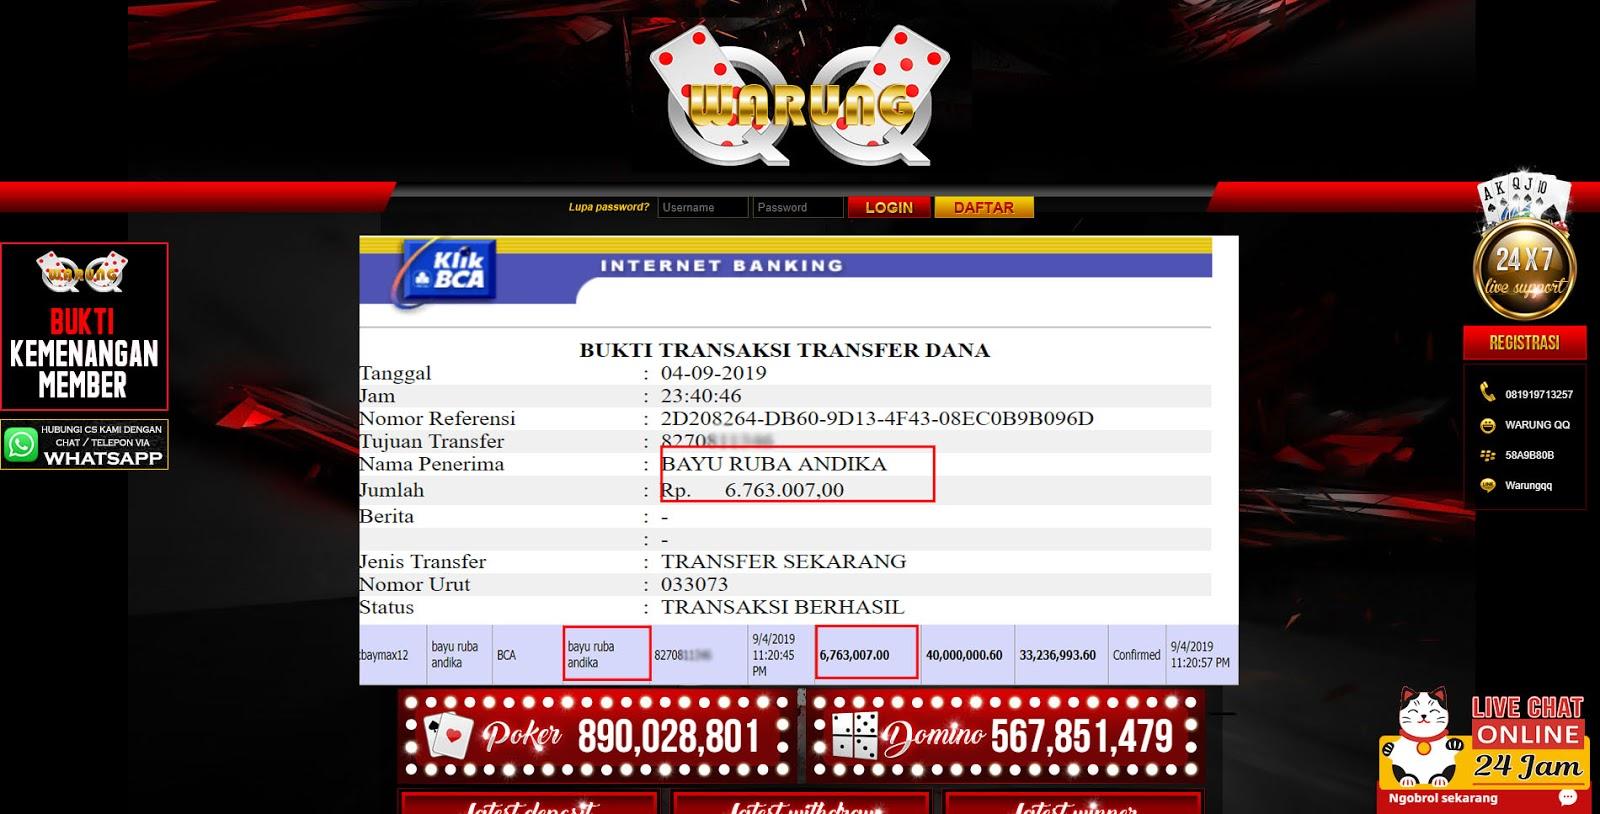 Selamat Kepada Member Setia WARUNGQQ Withdraw RP 6.763.007